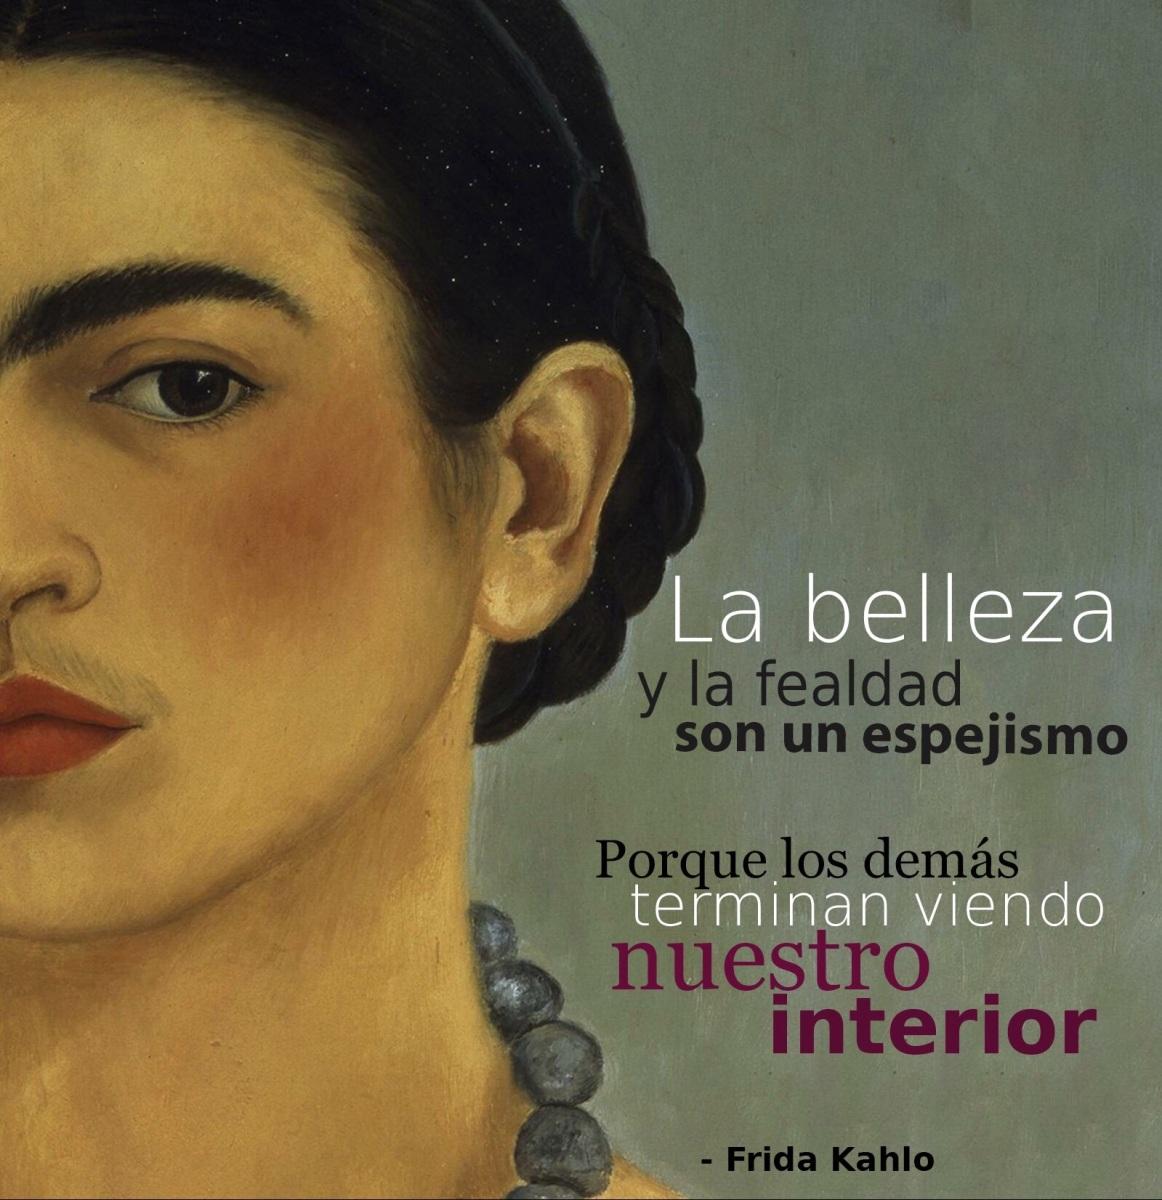 Las frases de Frida